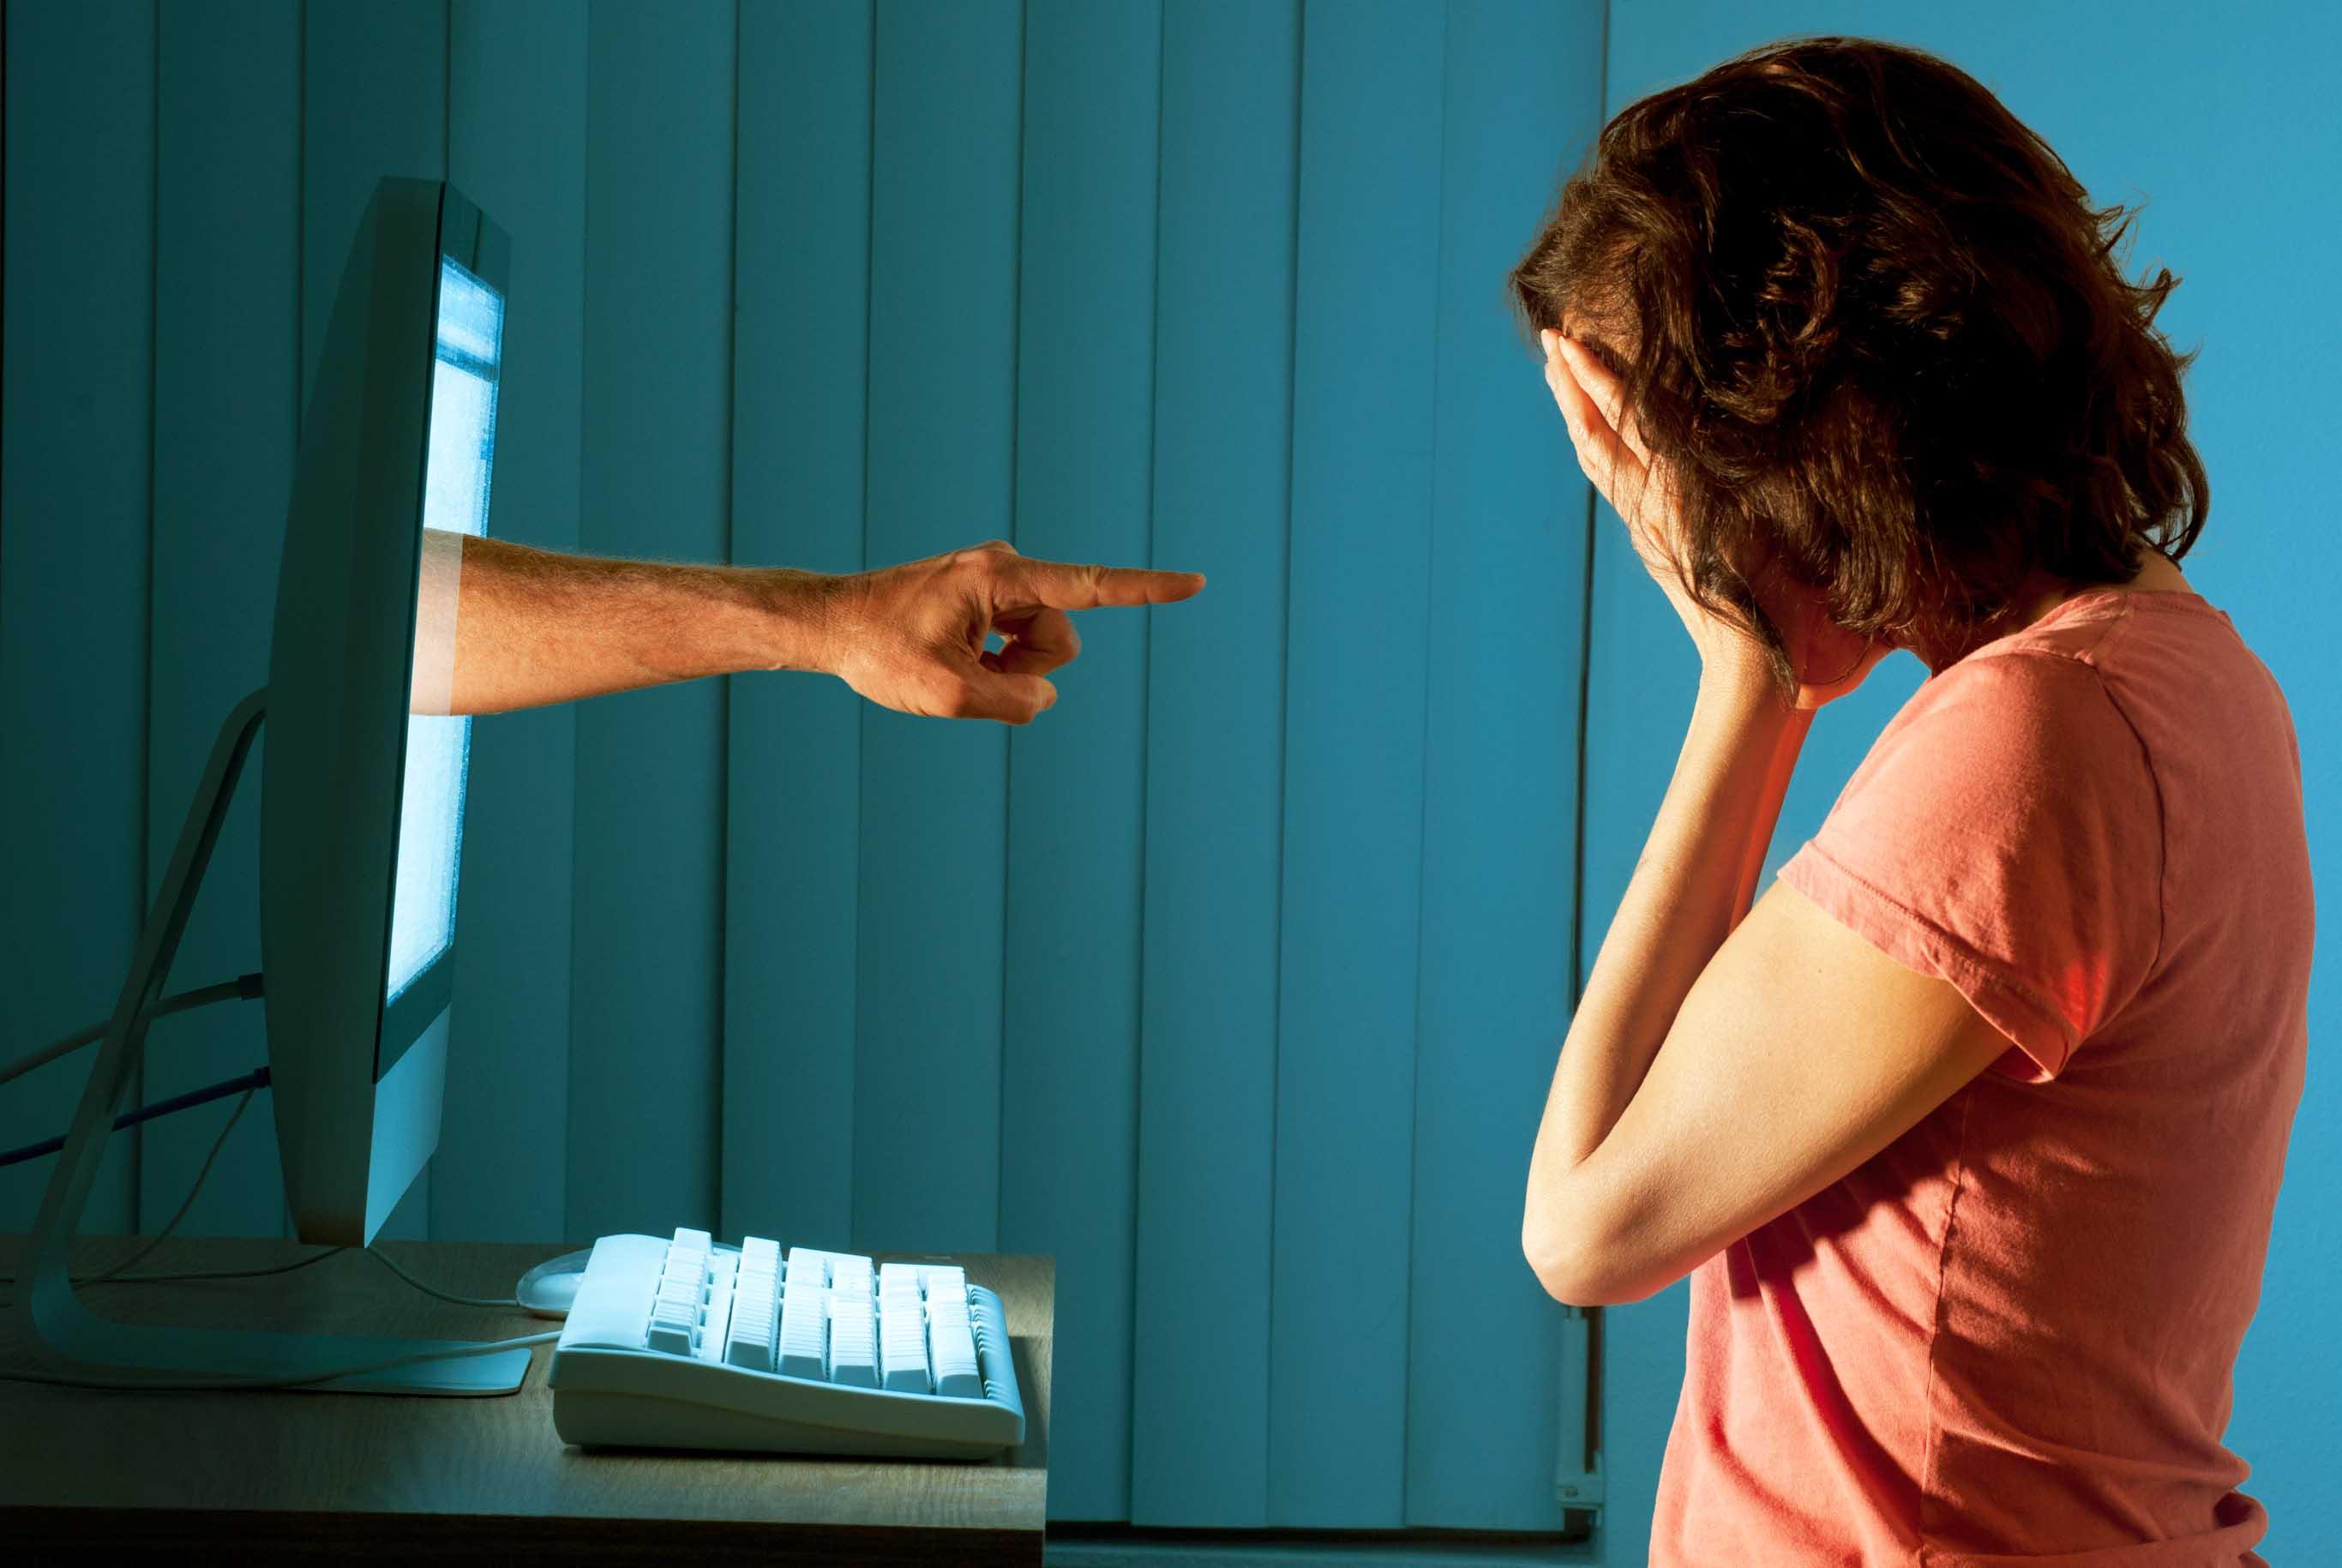 Risultati immagini per immagini cyberbullismo